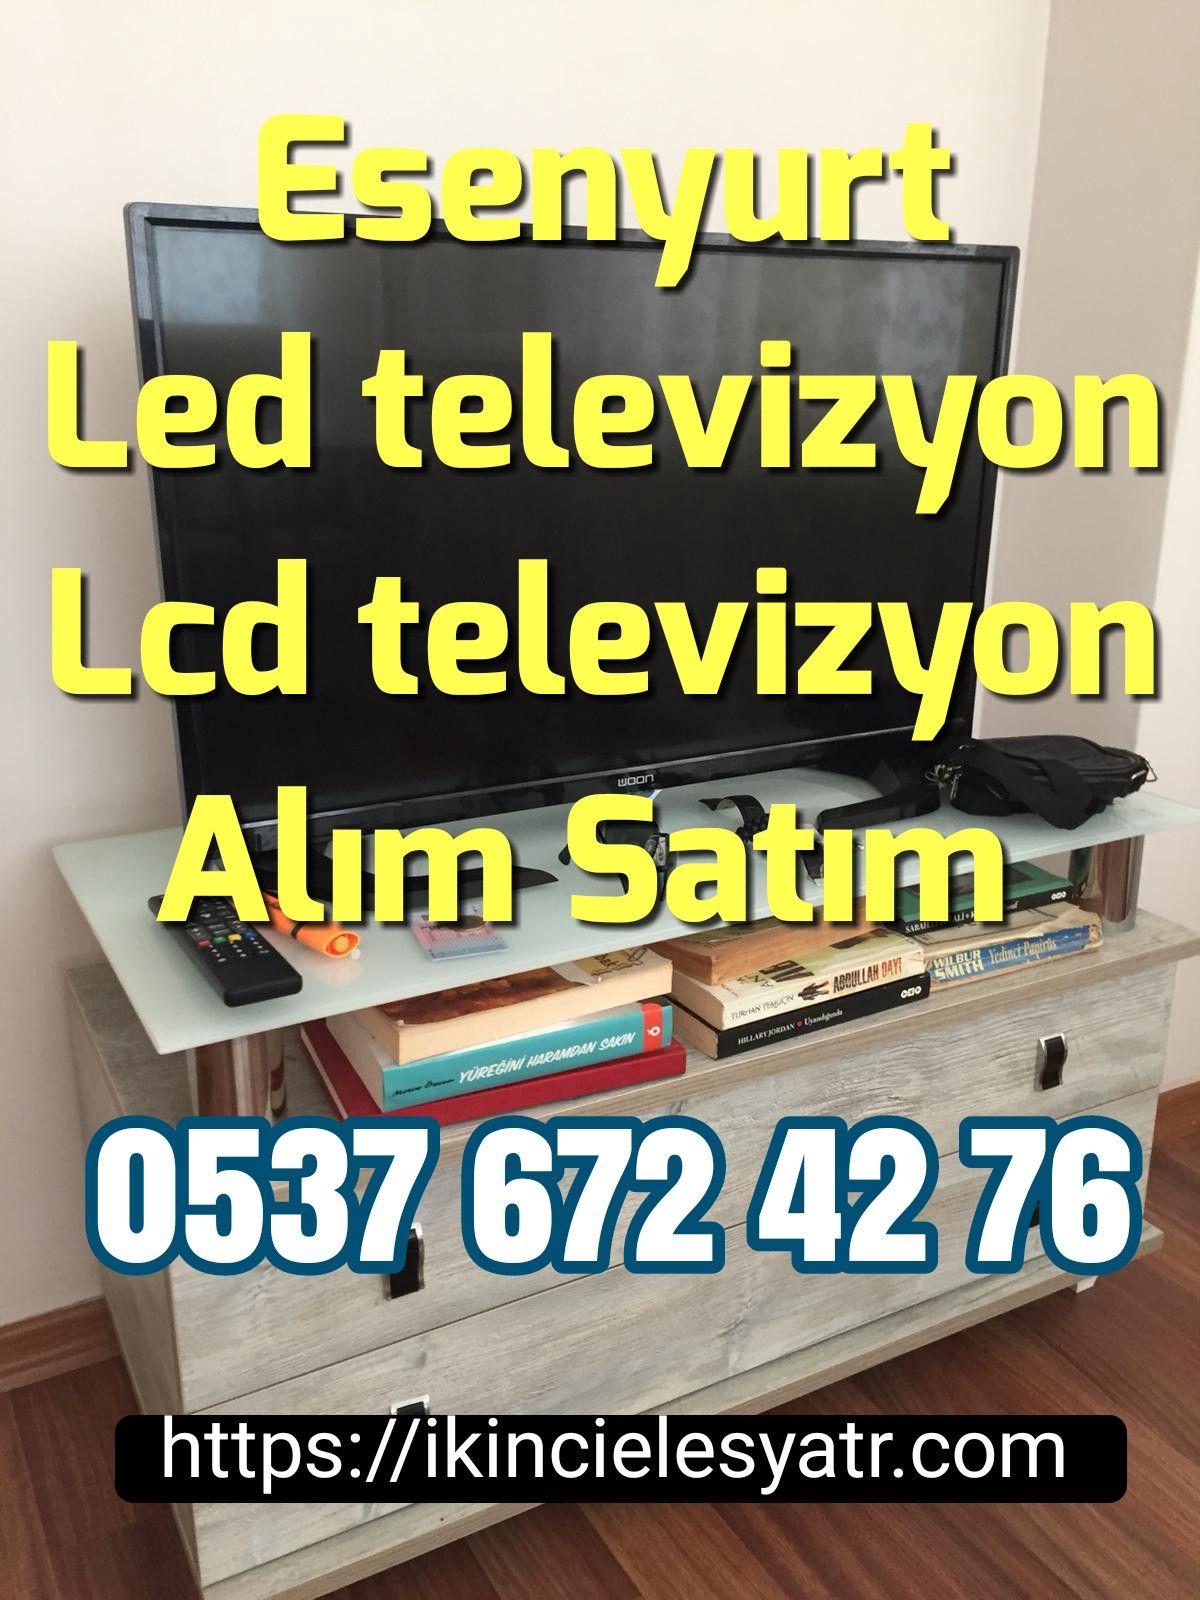 Istanbul Ikinci El Led Tv Lcd Tv Alan Yerler Ikinci El Led Tv Alanlar Lcd Tv Alan Yerler Ikinci El Televizyon Alan Yerler Sifir Telev Led Ikinci El Alanlar